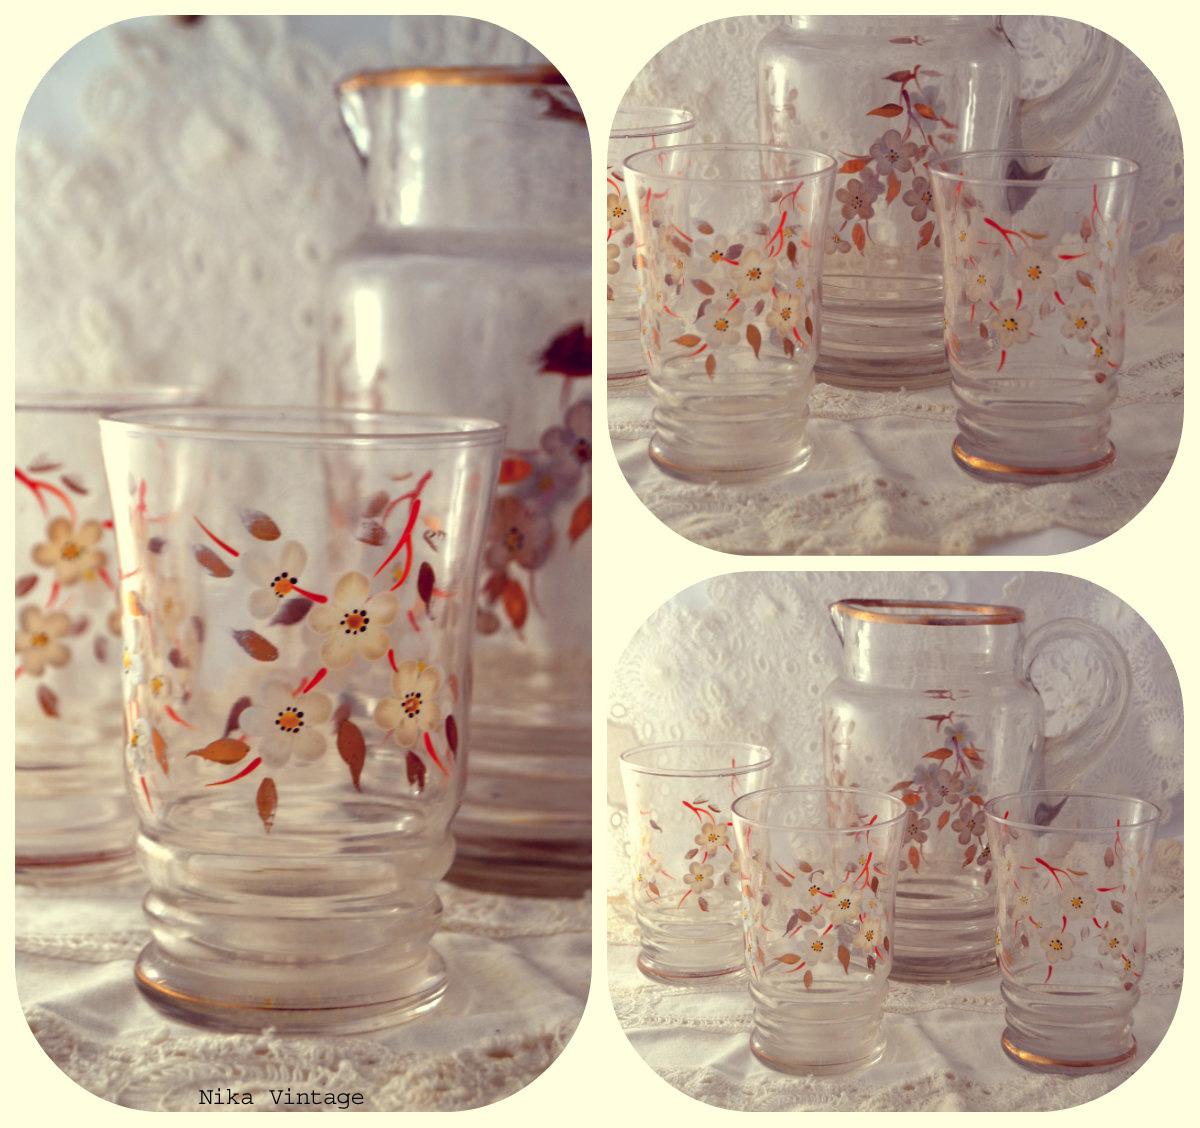 juego de agua, complementos, objetos antiguos, mesa navideña, navidad, decoracion, cristal,